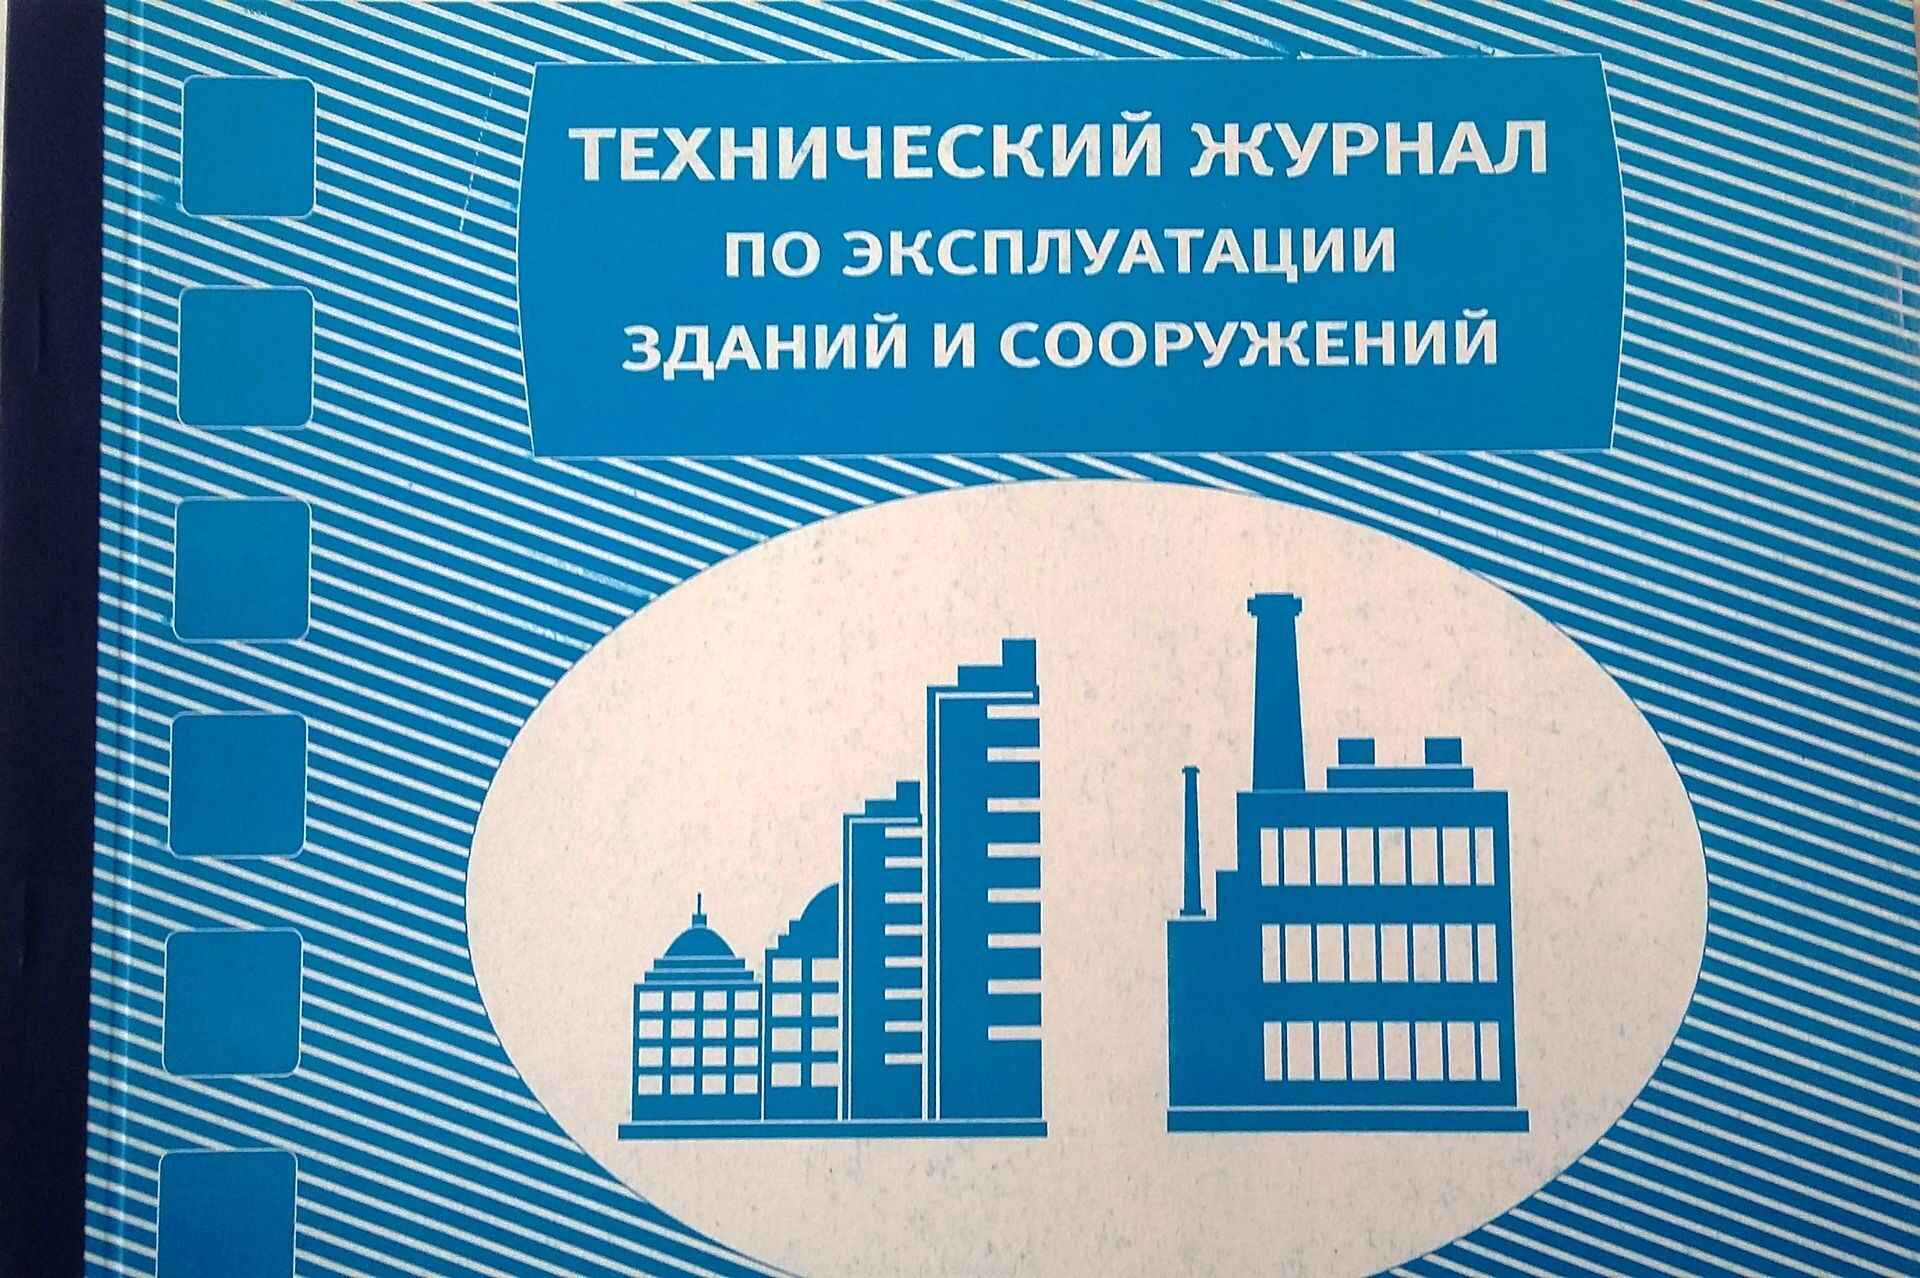 Периодичность обслуживания электроустановок здания